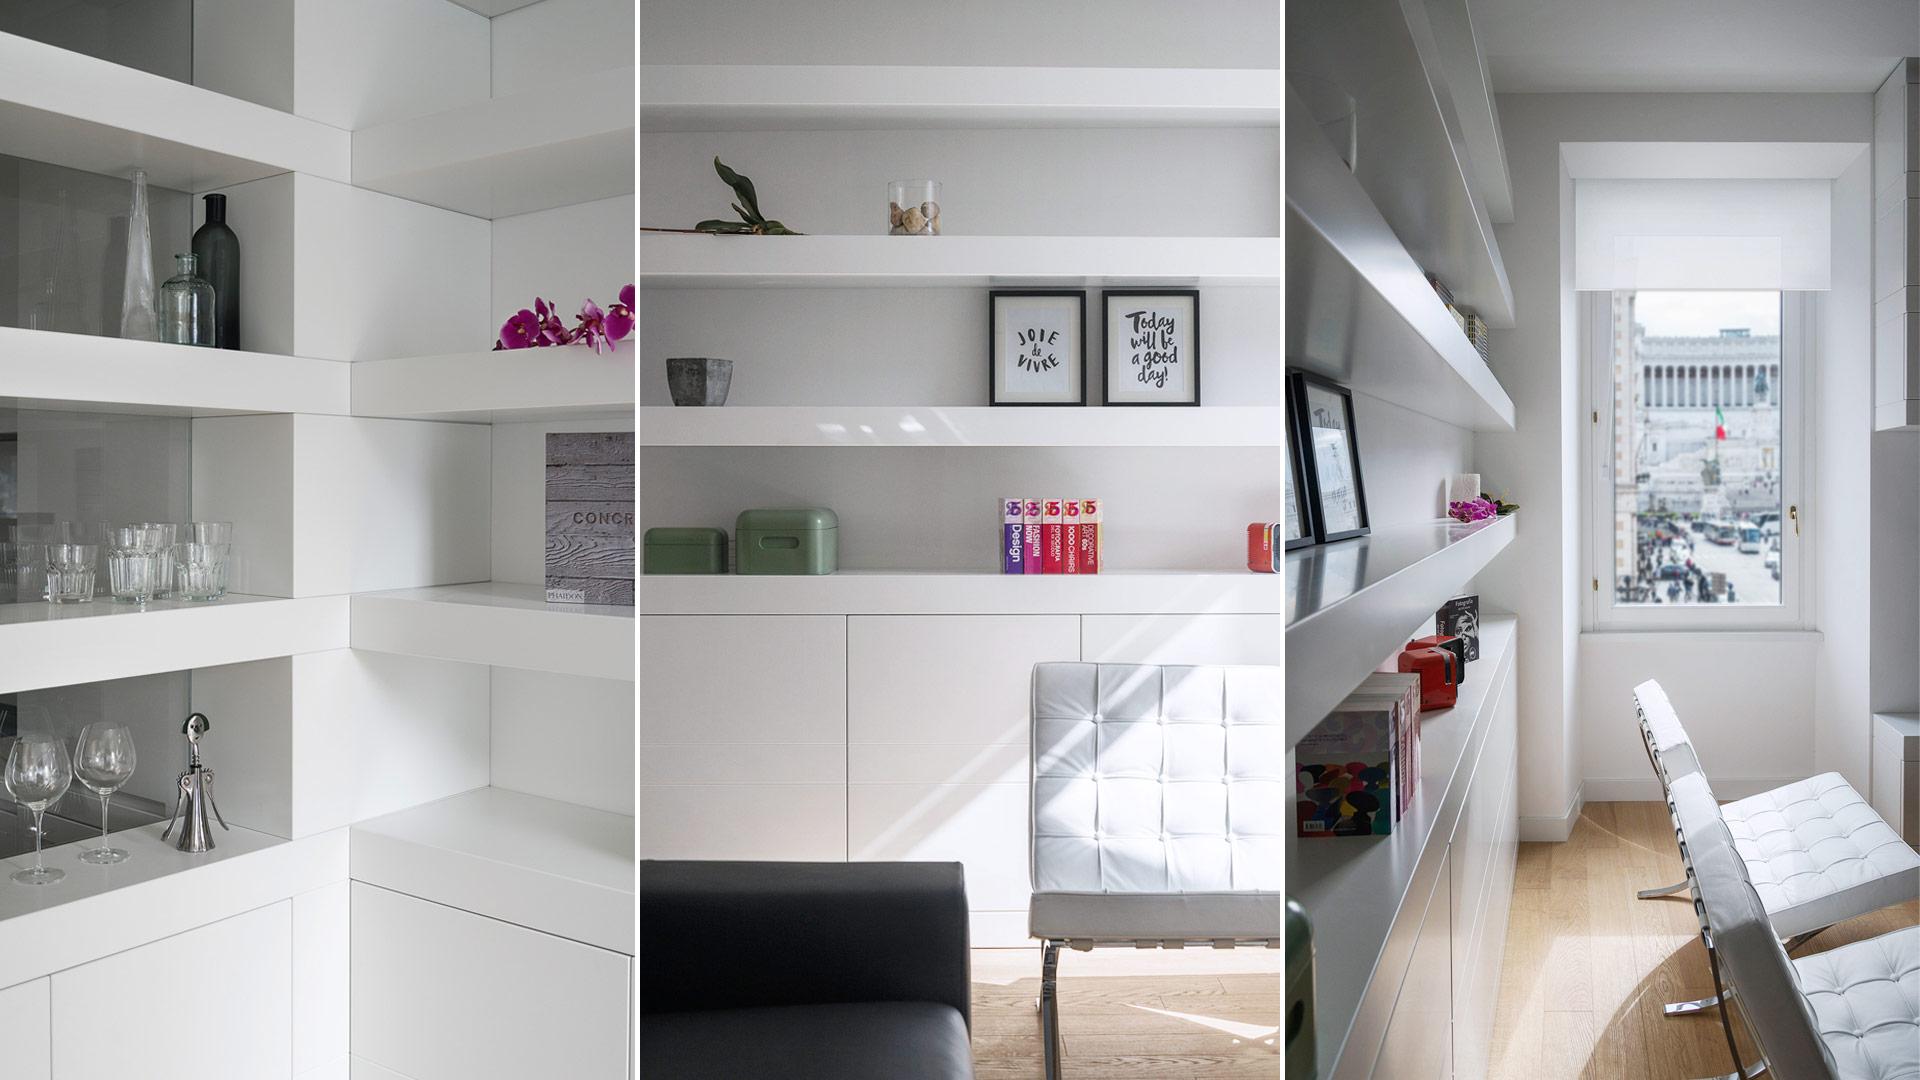 Progetto Contract Interior Design appartamento privato Roma - Area-contract-Cicchetti-06